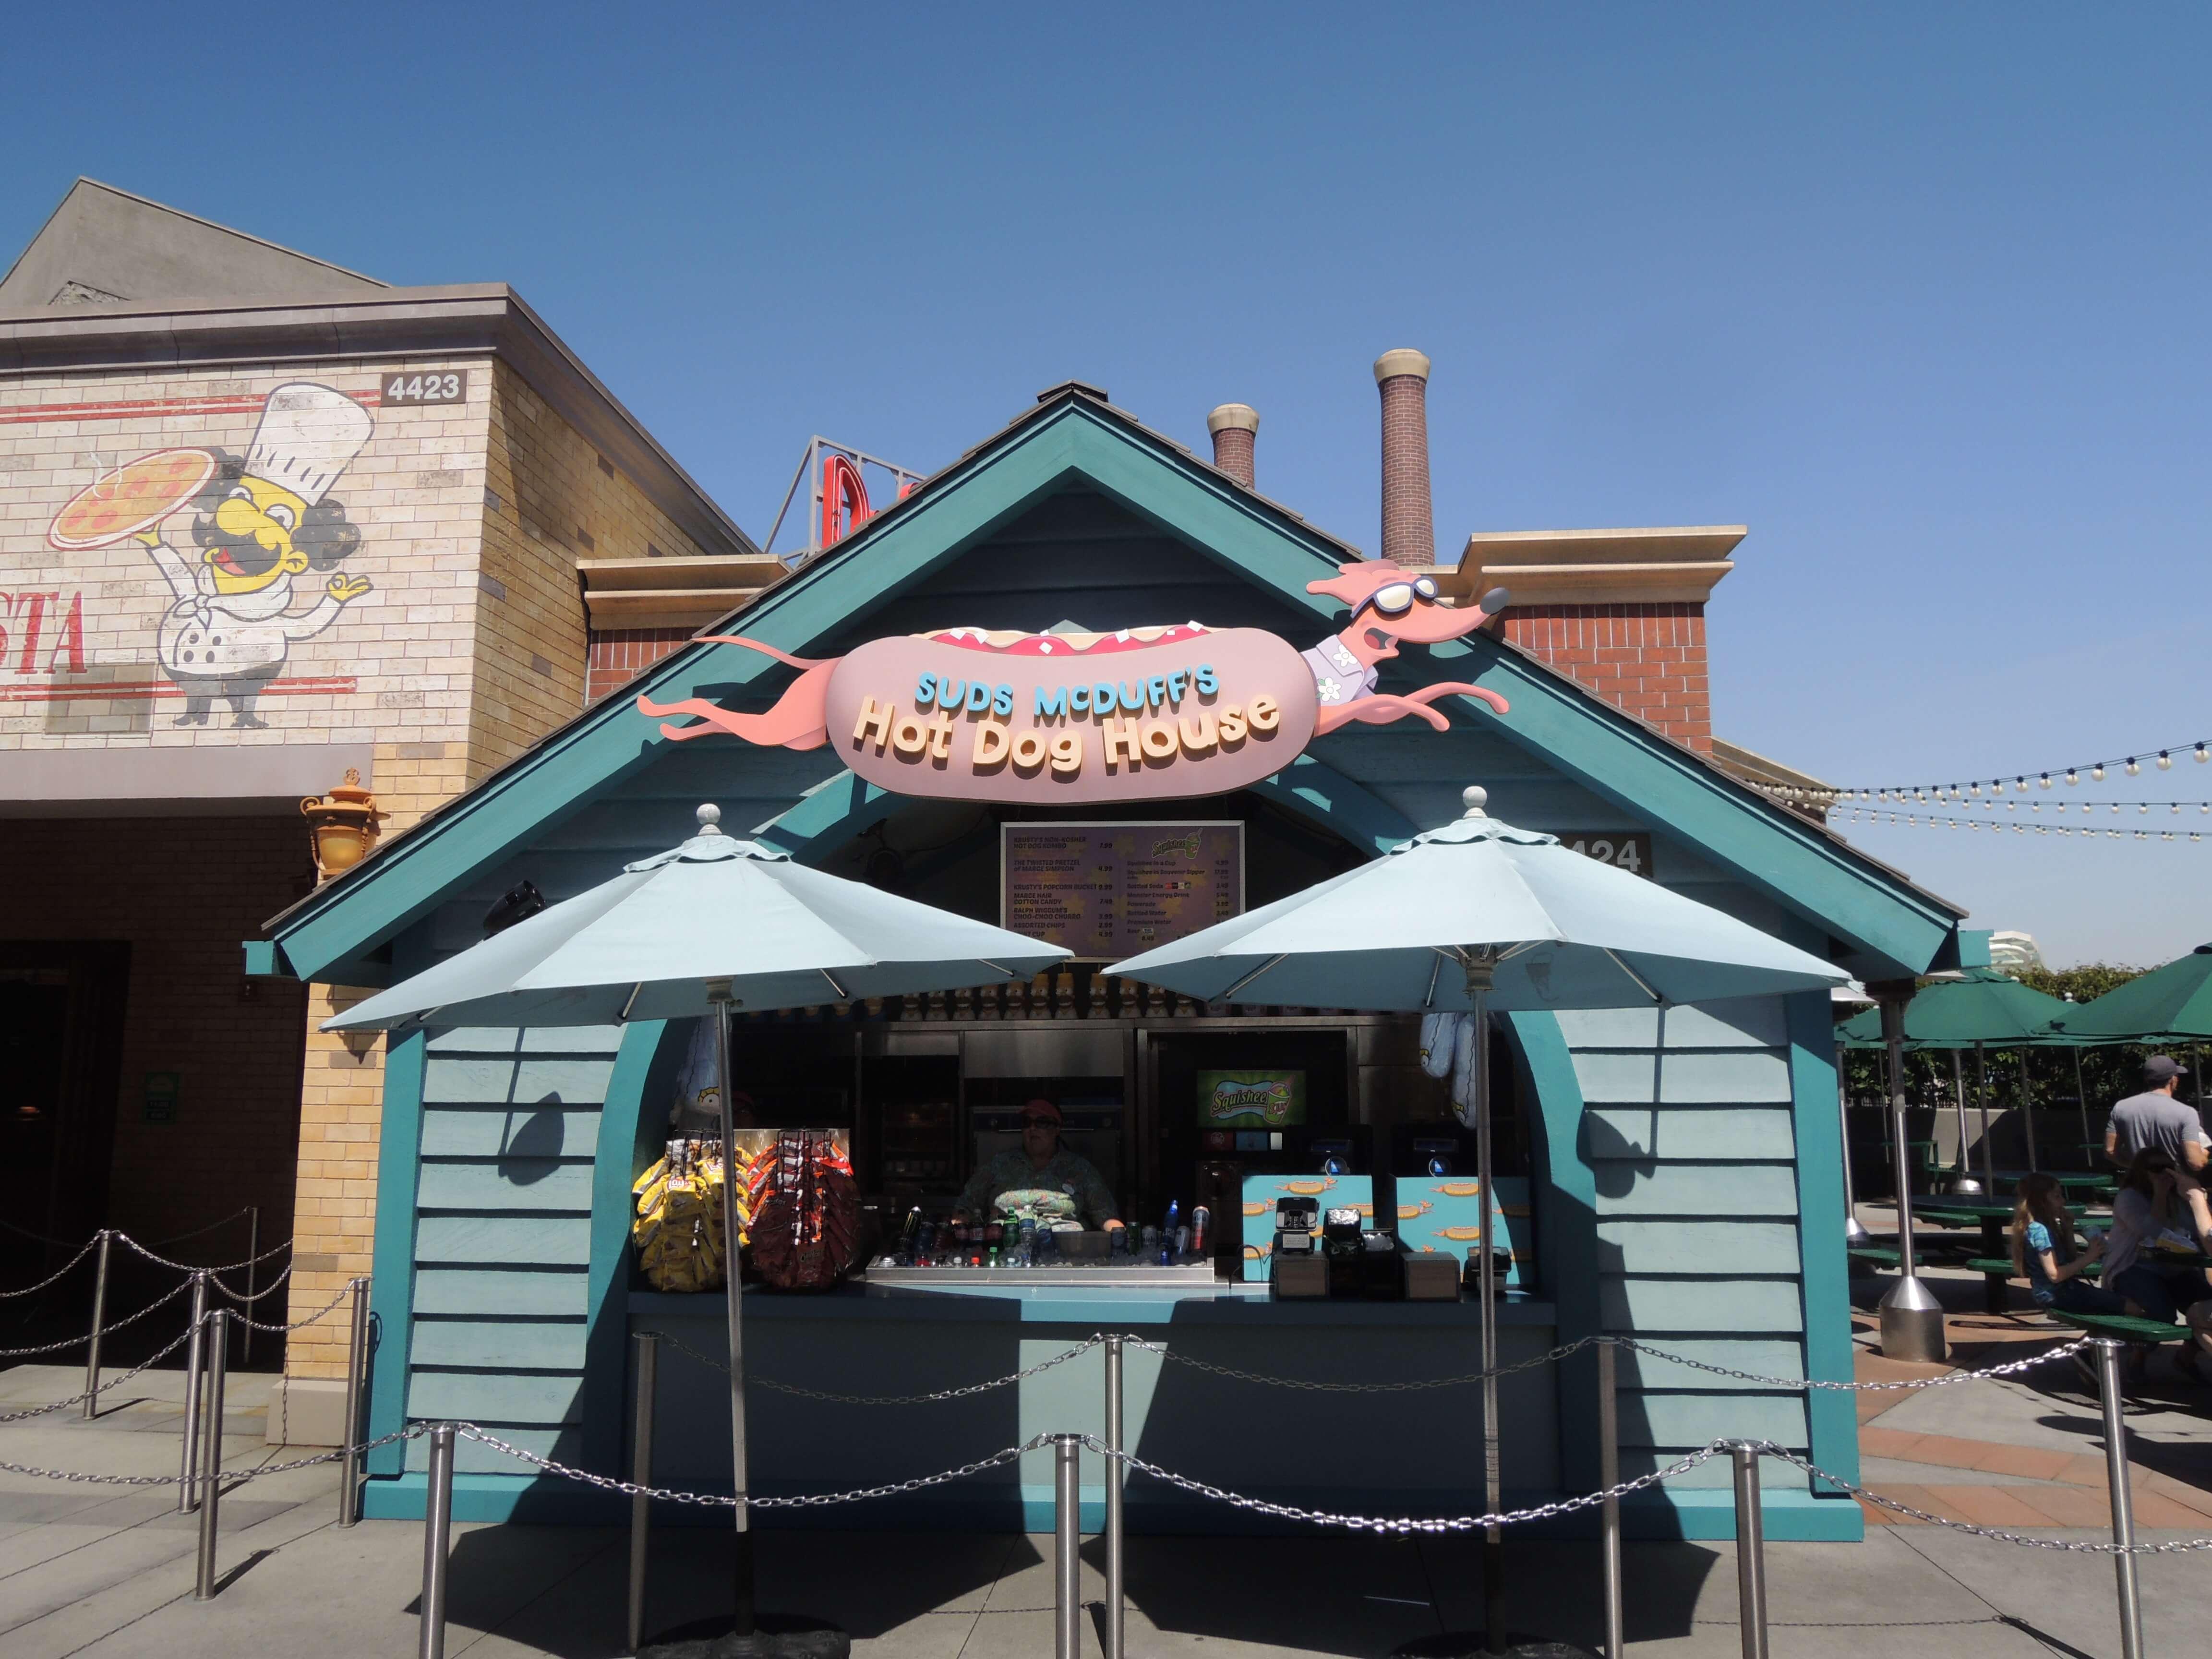 🌴#Simpsons à Universal Studios d'Hollywood ! Sur Goodie Mood, le blog Feel Good d'une française expatriée à Los Angeles. #universalstudios #hollywood #californie #expat #LosAngeles #Attraction #Parc #HarryPotter #TheSimpsons